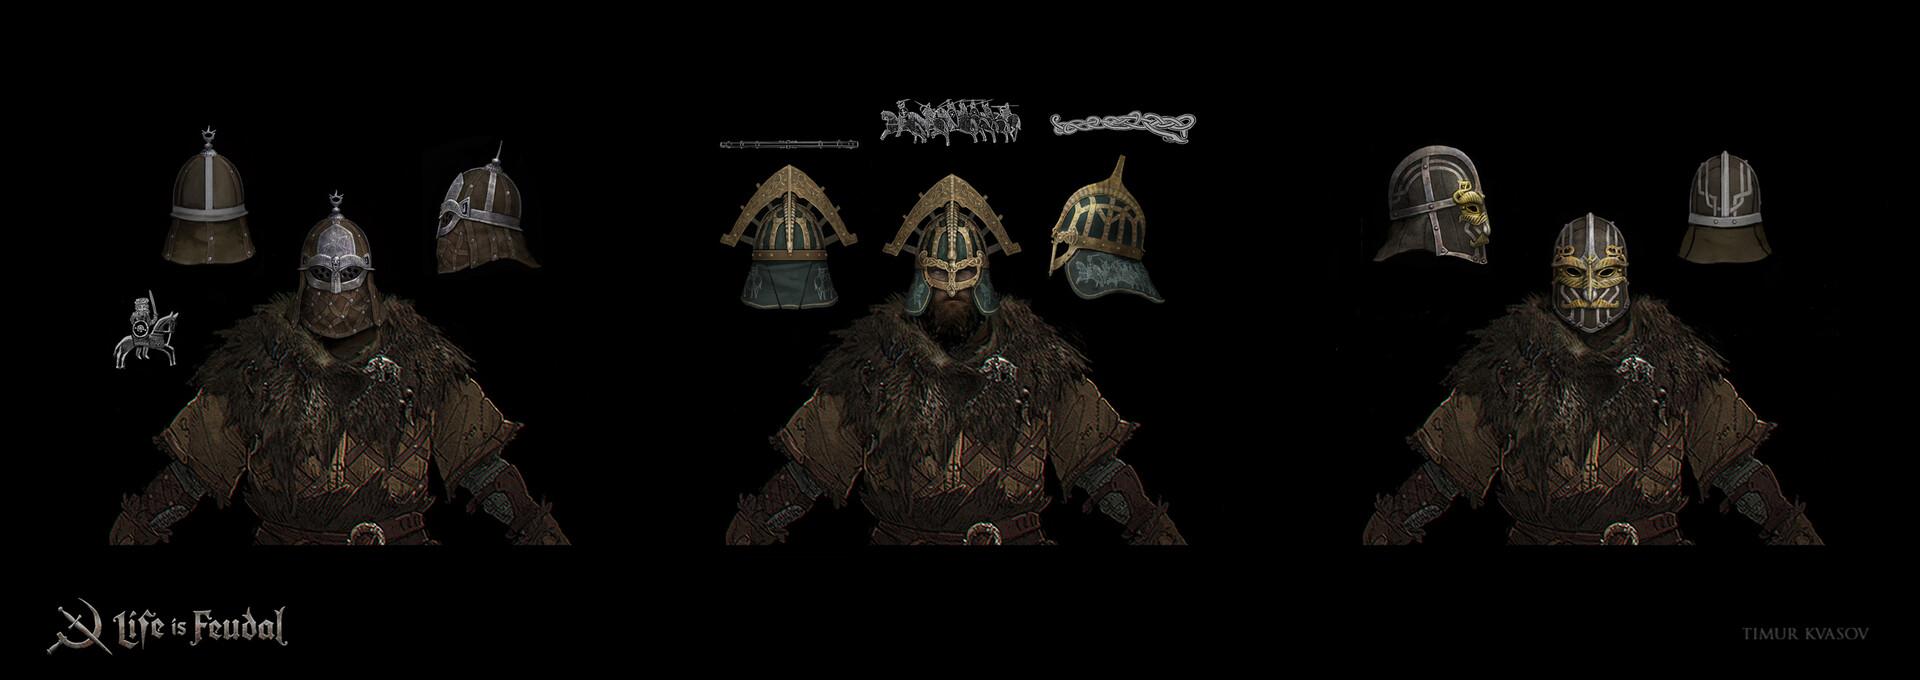 Timur kvasov lif helmets 01